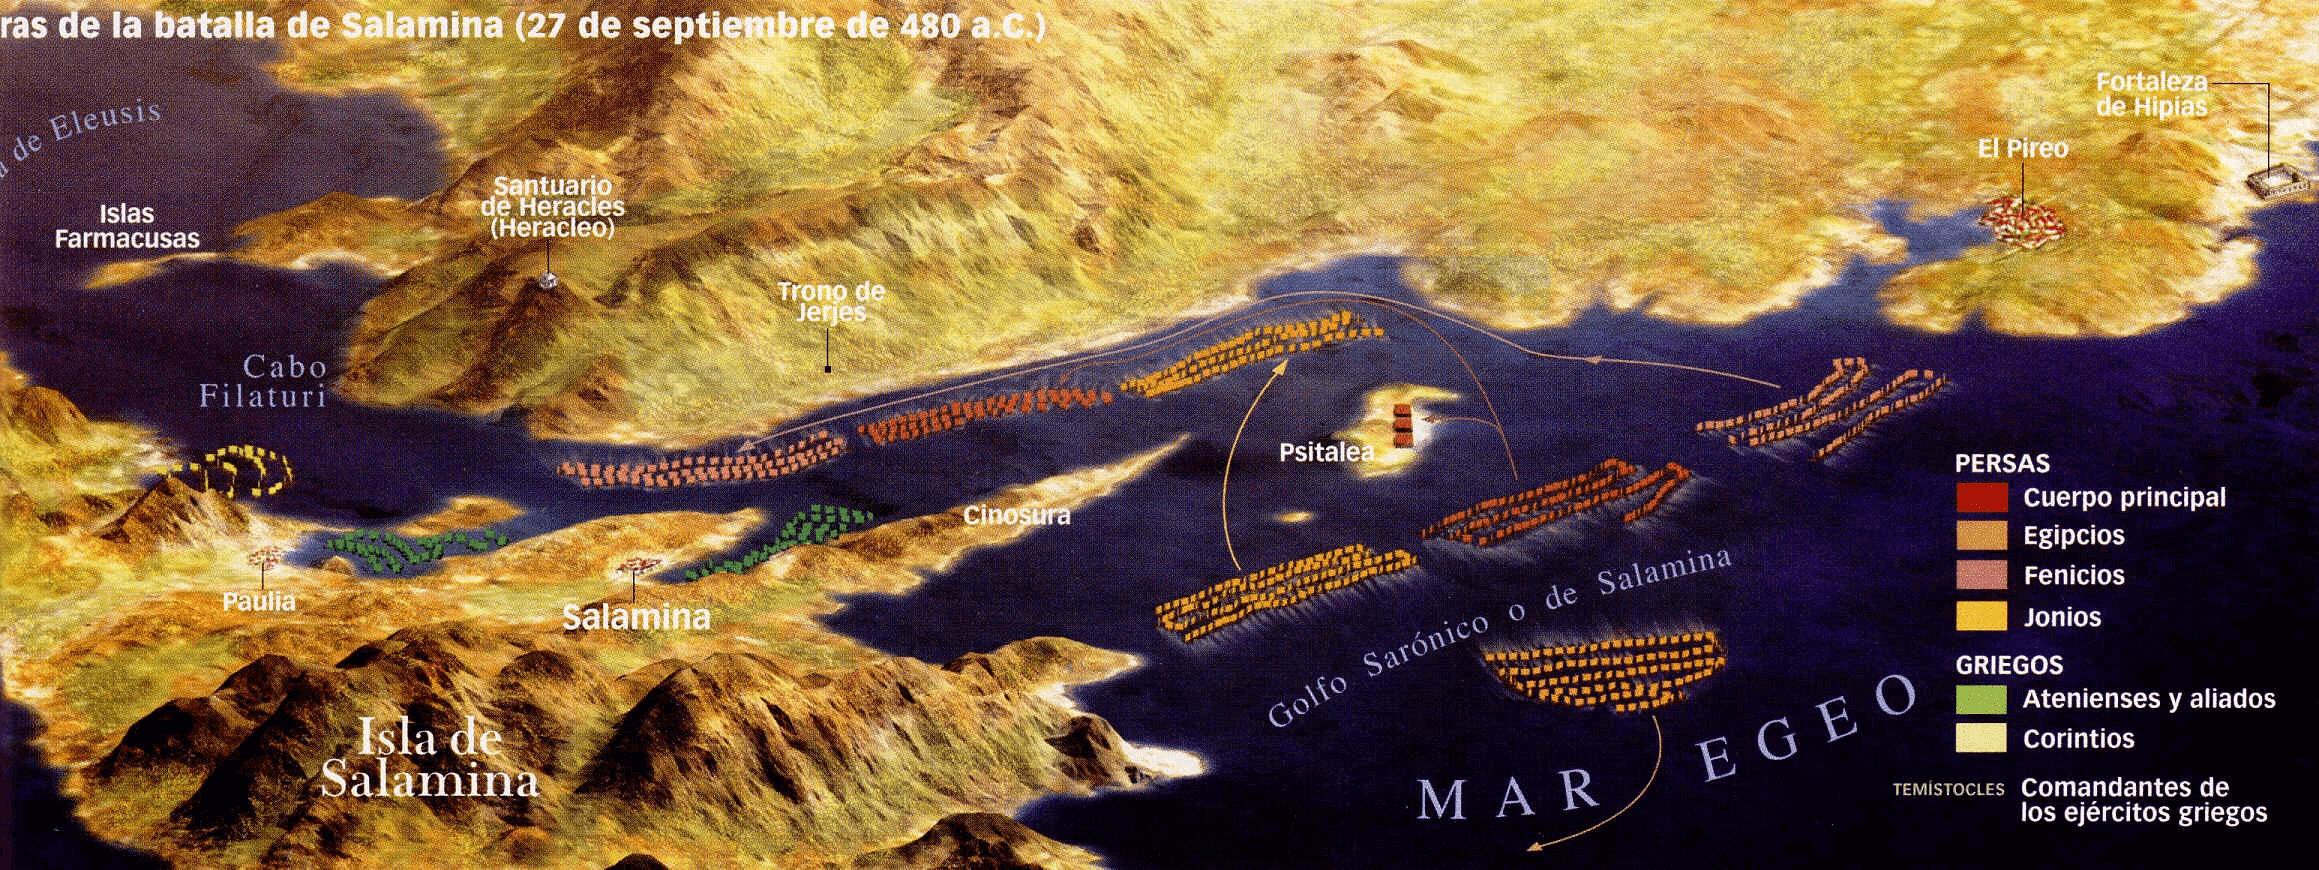 Batalla de Salamina 480 AC